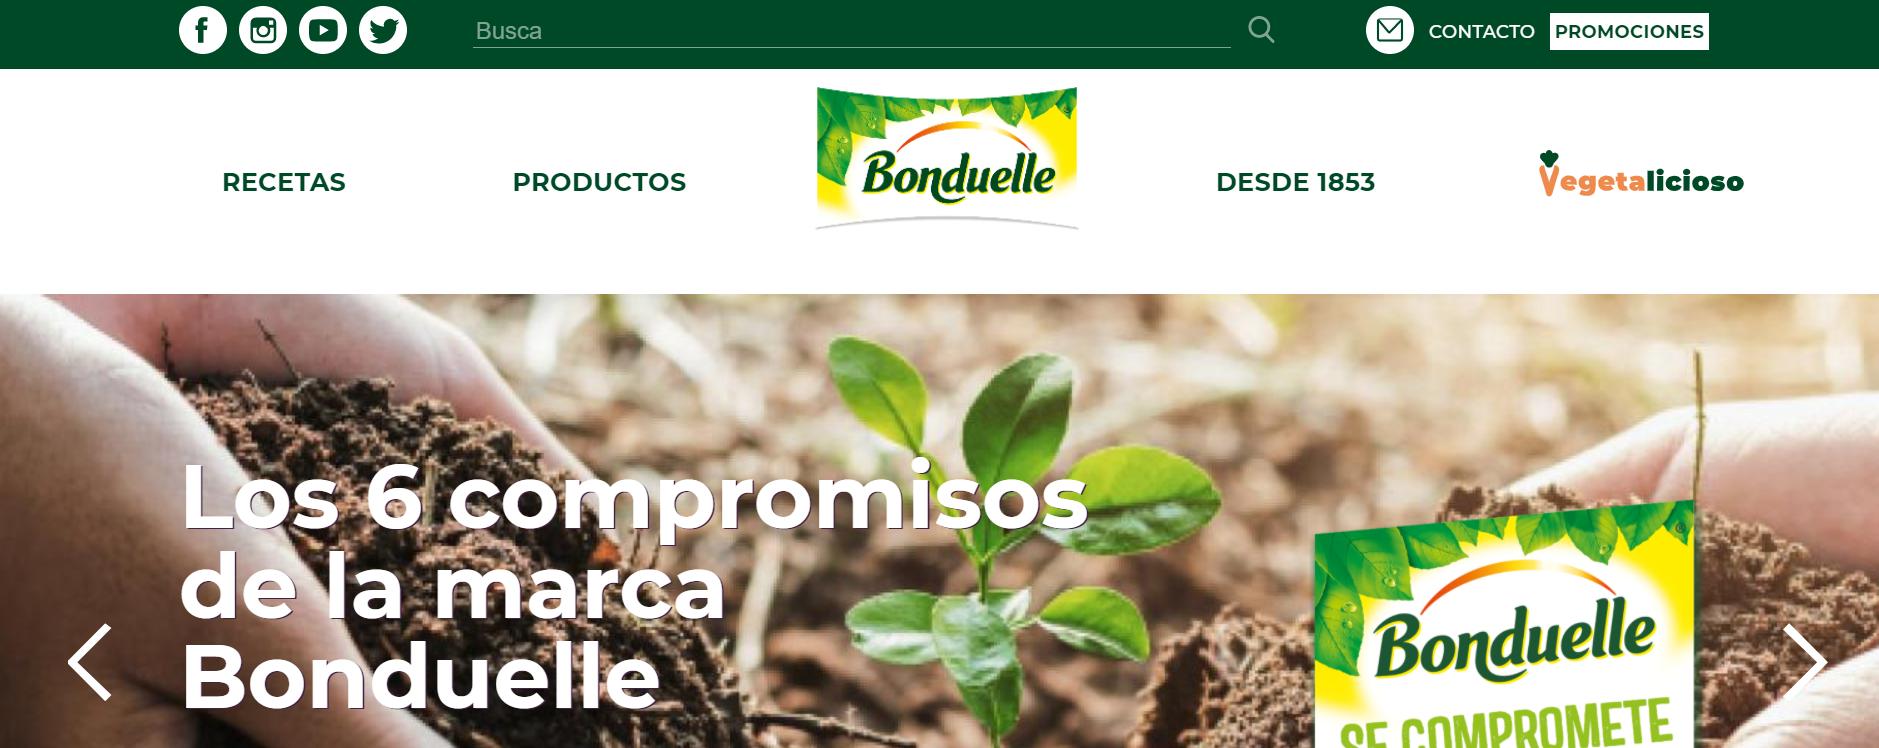 SEO, SEM, Redes Sociales y Diseño Bonduelle - Creación de Sitios Web